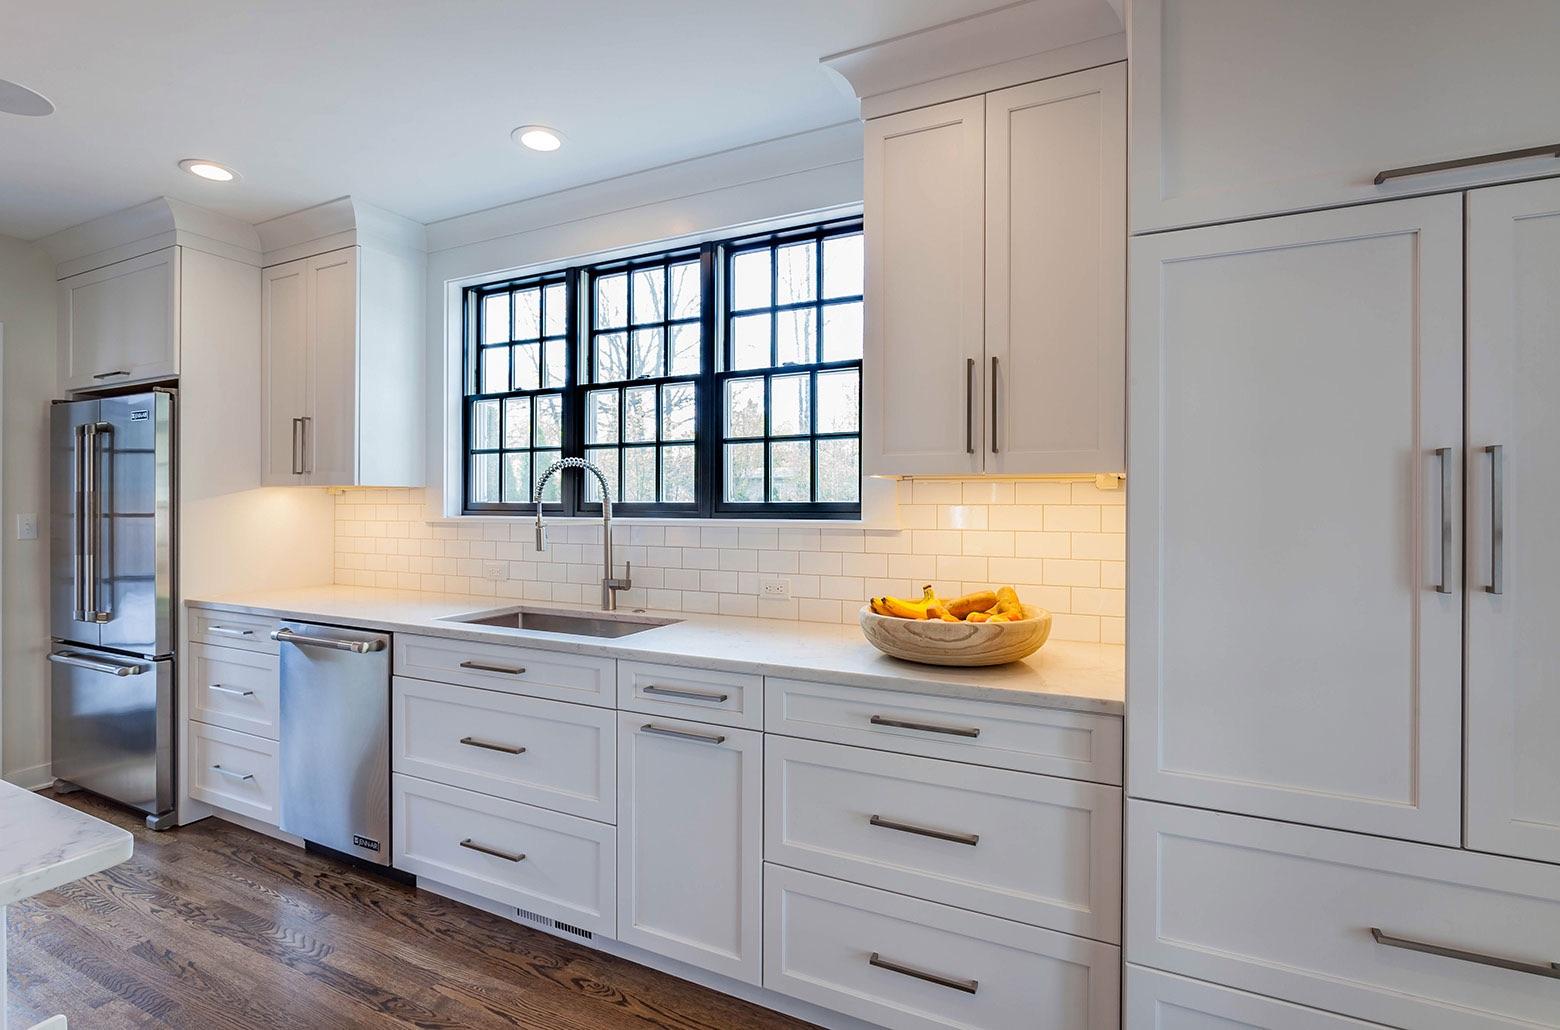 white cabinets modern kitchen